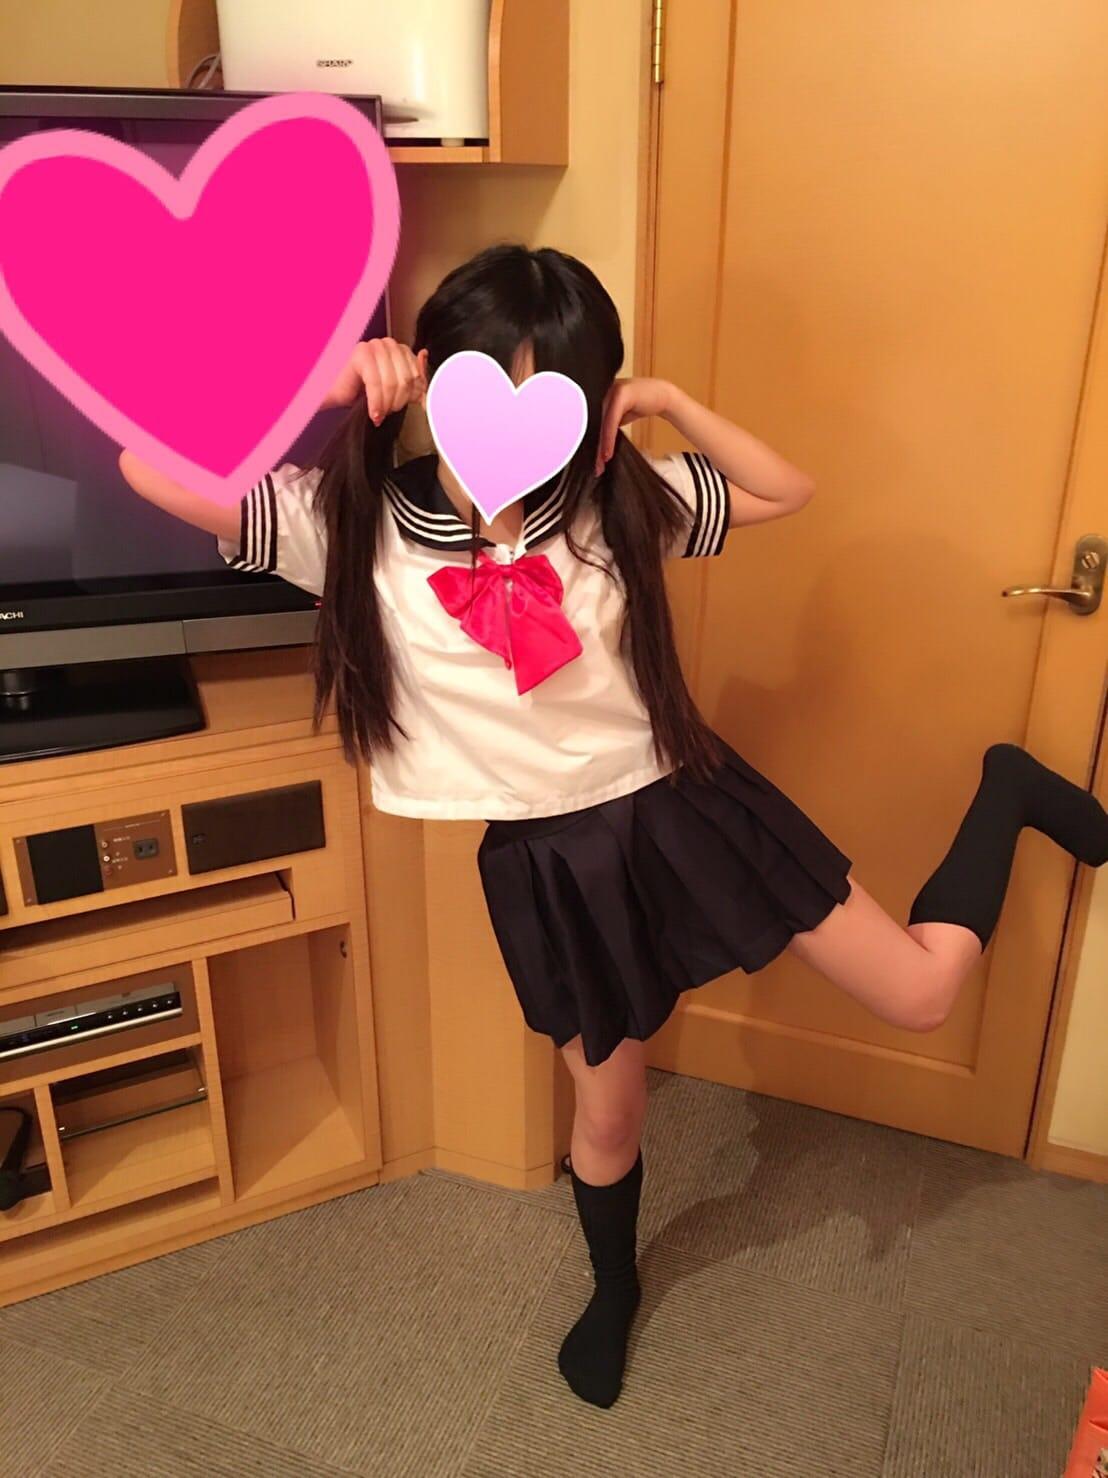 「晴れっ」03/19(03/19) 23:15   ふわりの写メ・風俗動画